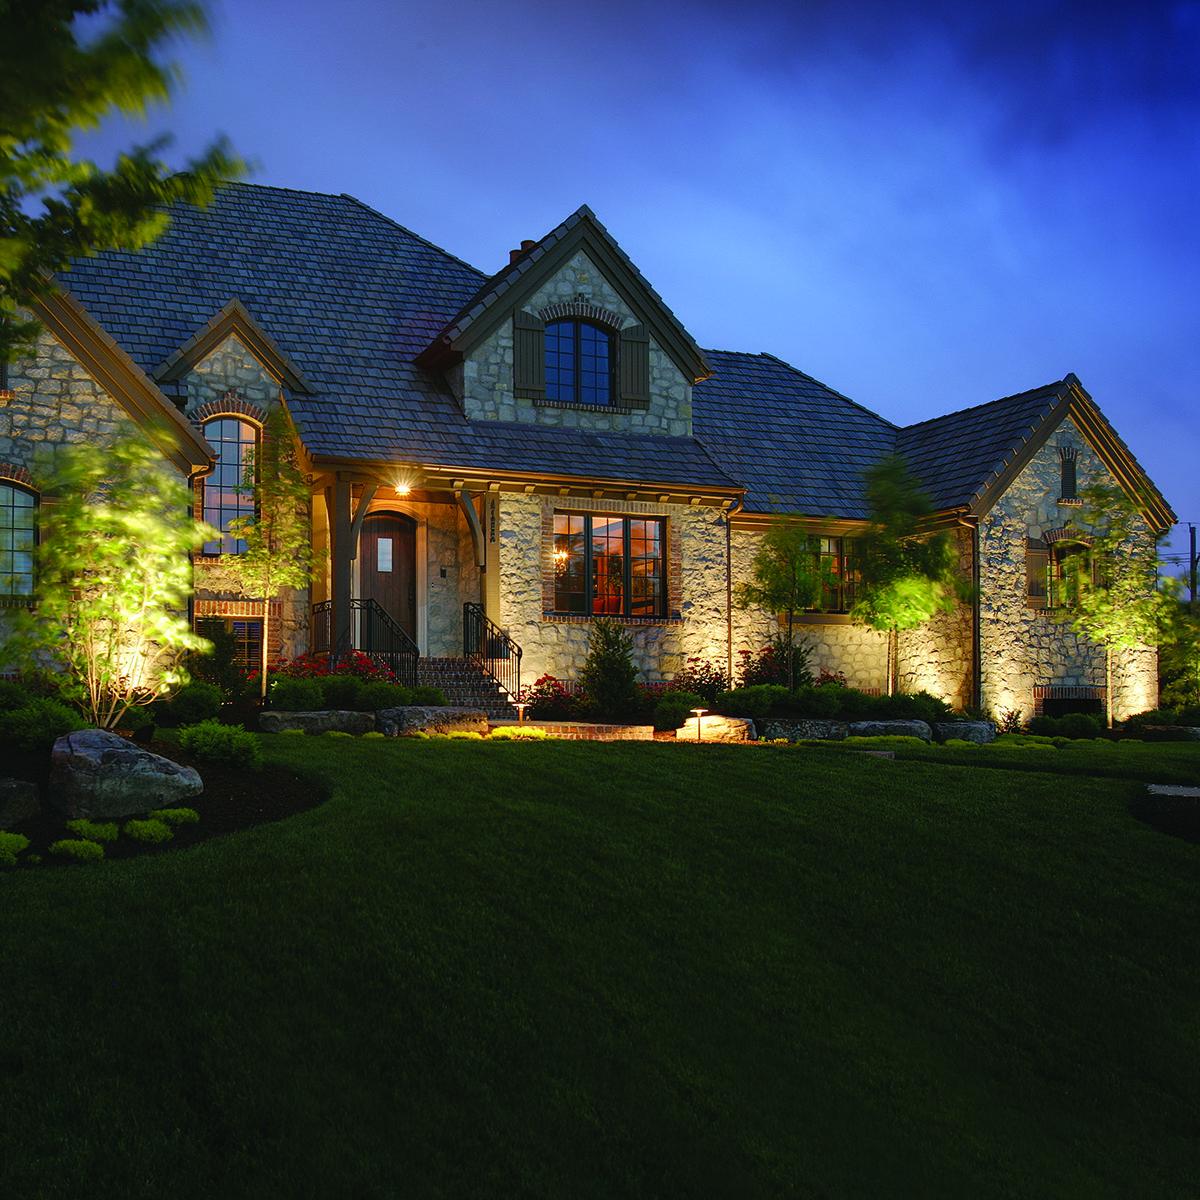 Low Voltage Outdoor Lighting Low Voltage Outdoor Lighting Outdoor Landscape Lighting Landscape Lighting